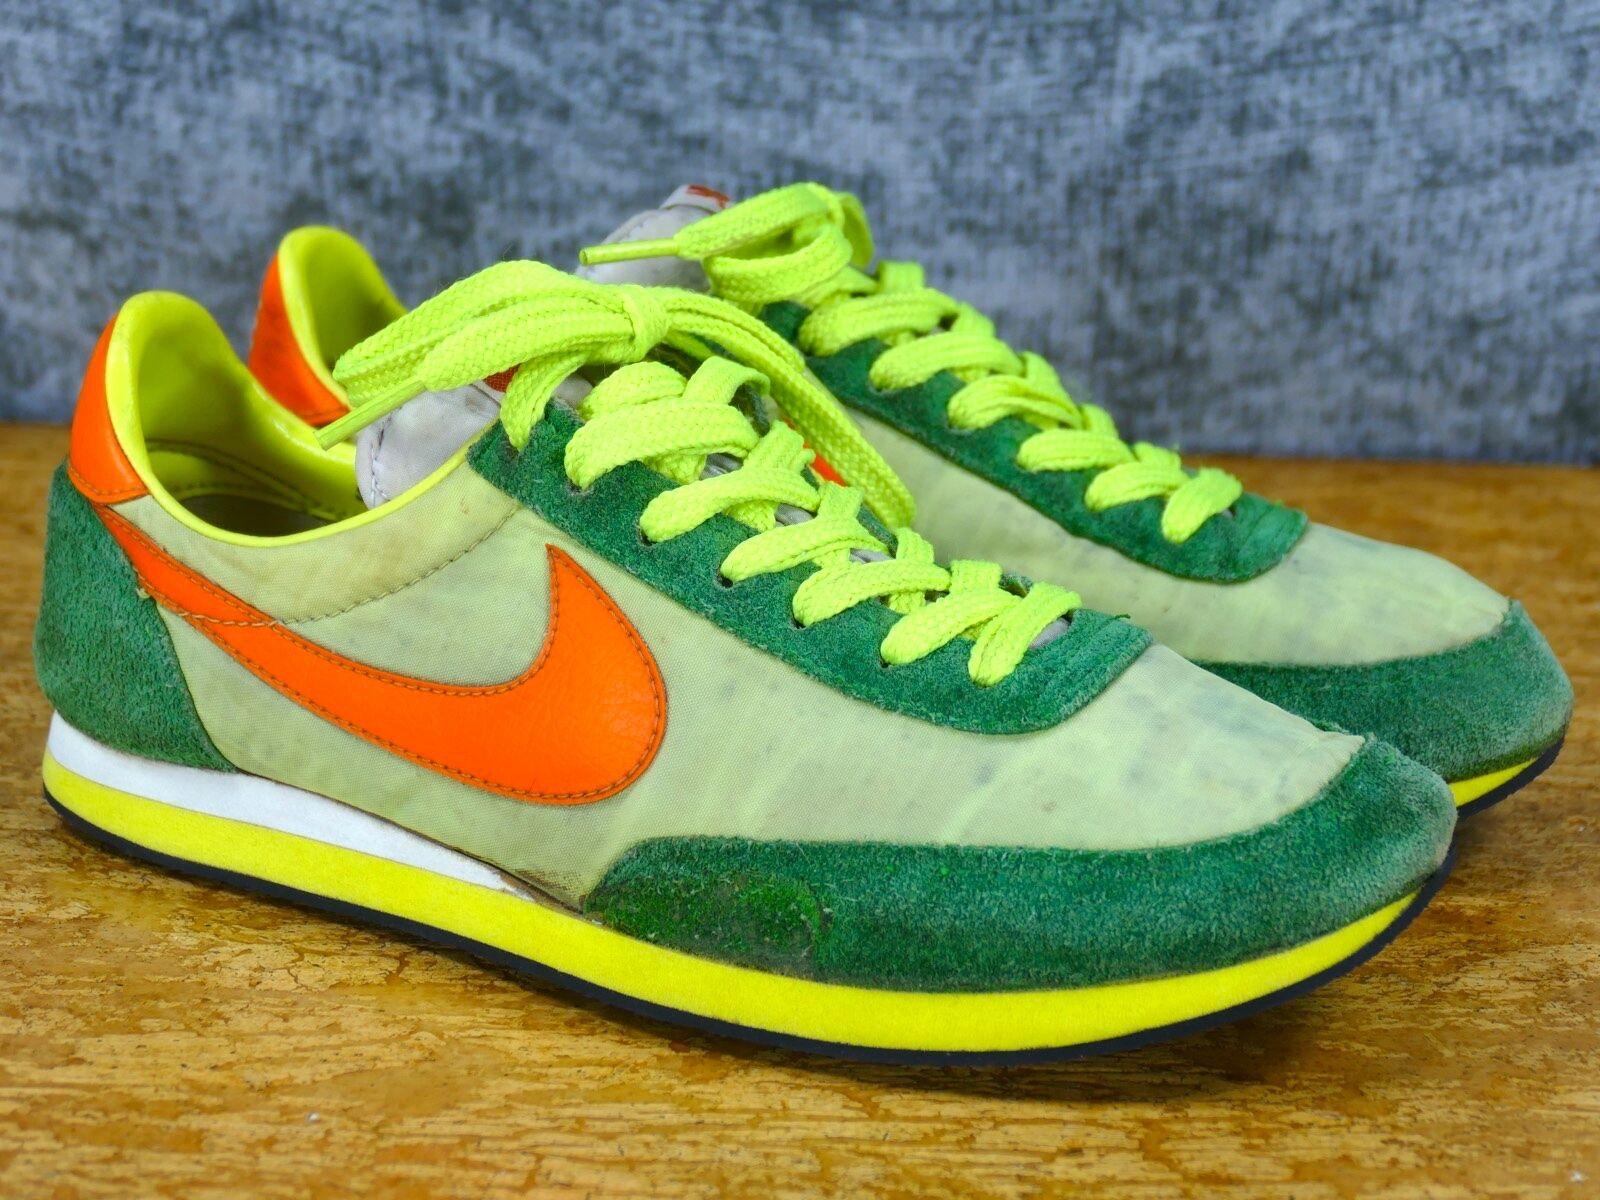 1980 - Nike Vainqueur Sz 11 - 1980 vintage original track spikes vainquere 1980s 80s 4443b1